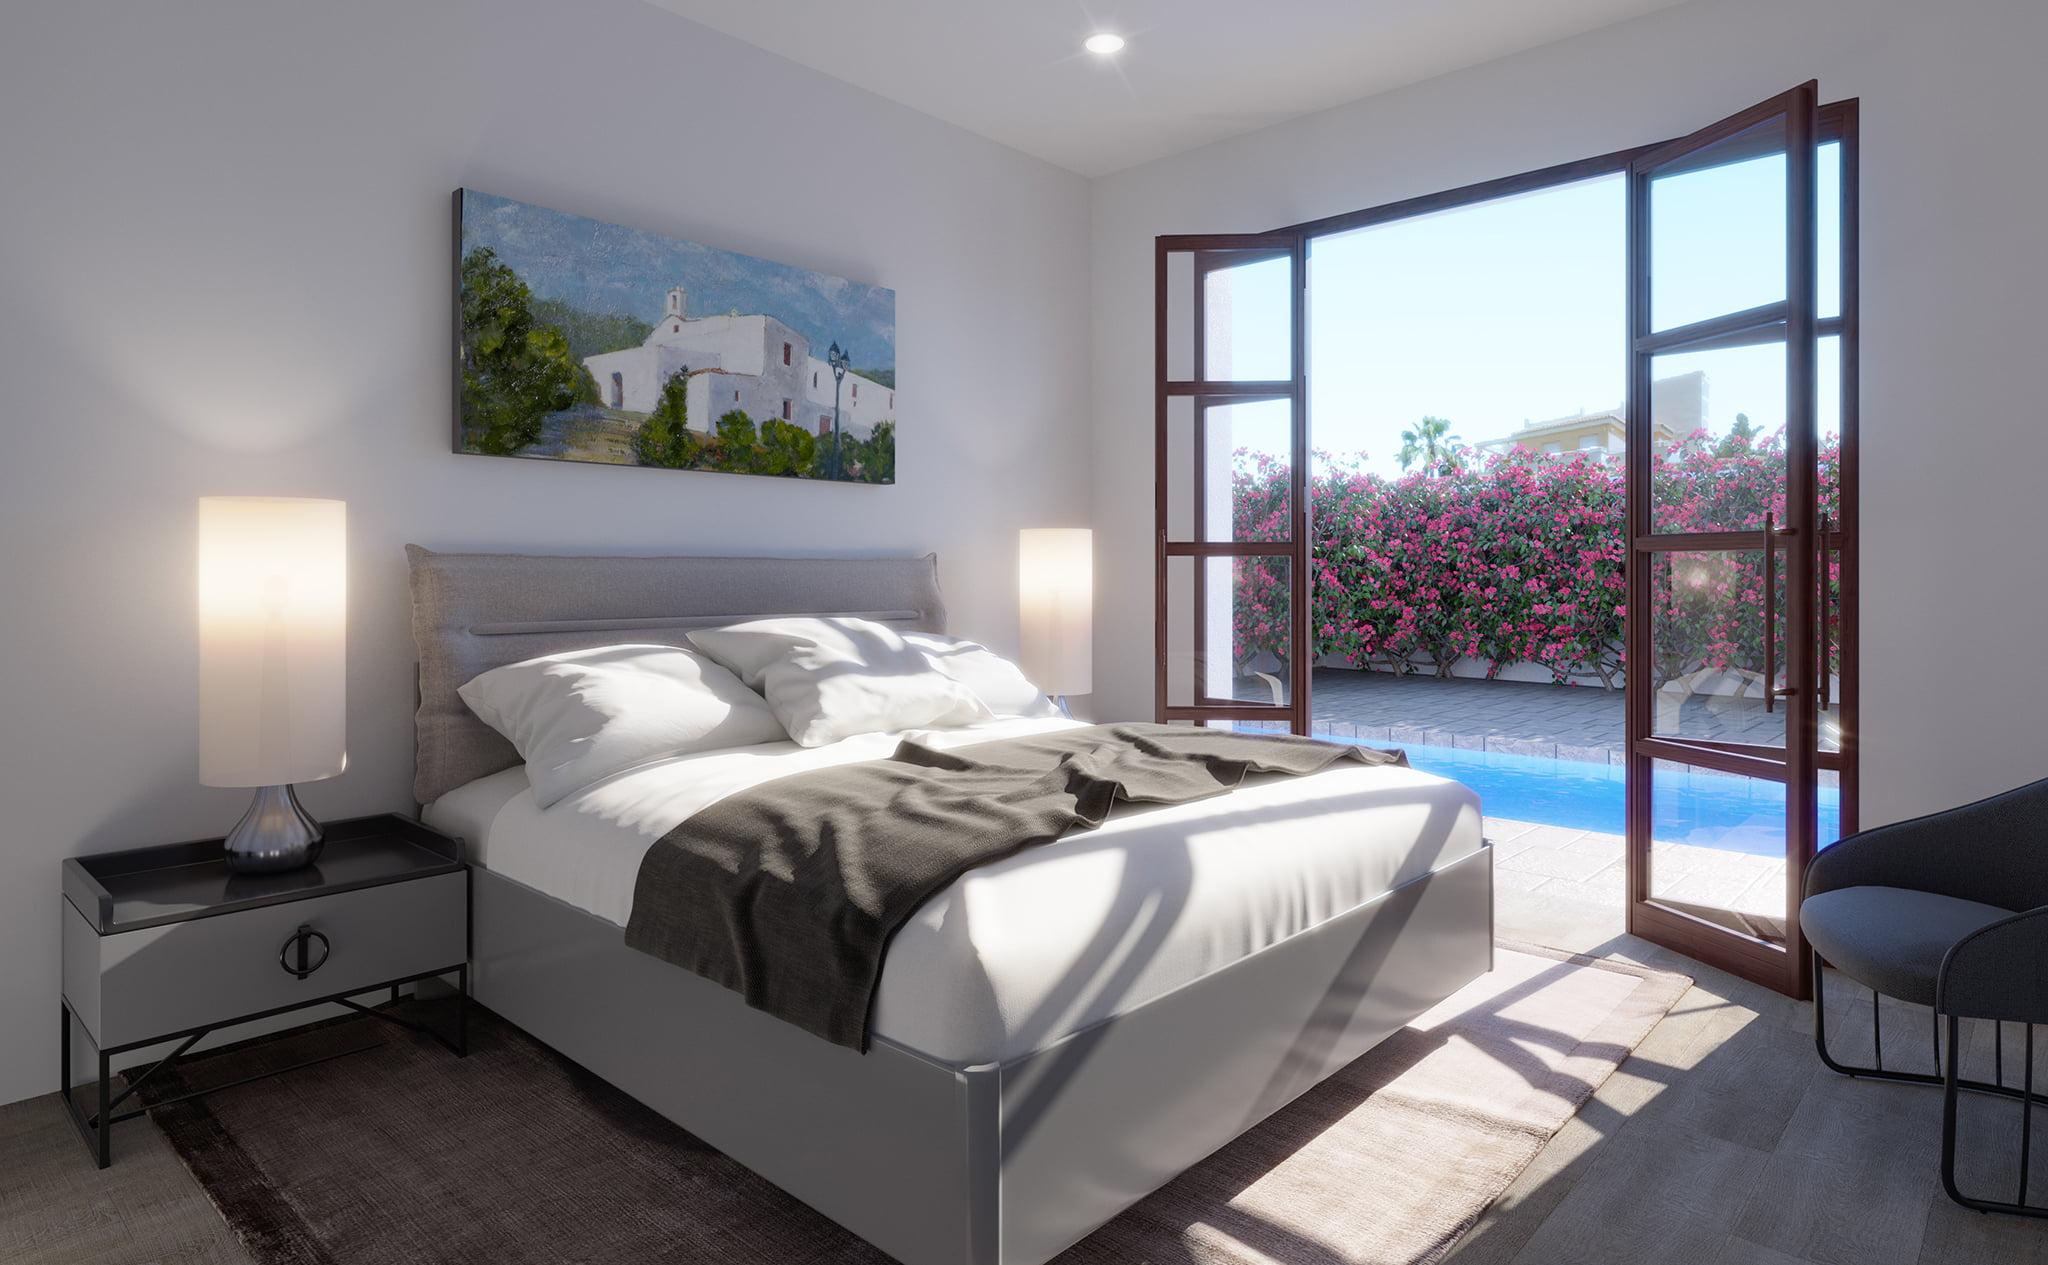 Chambre d'une villa à vendre à Las Marinas à Dénia - Lucas Graf Projects